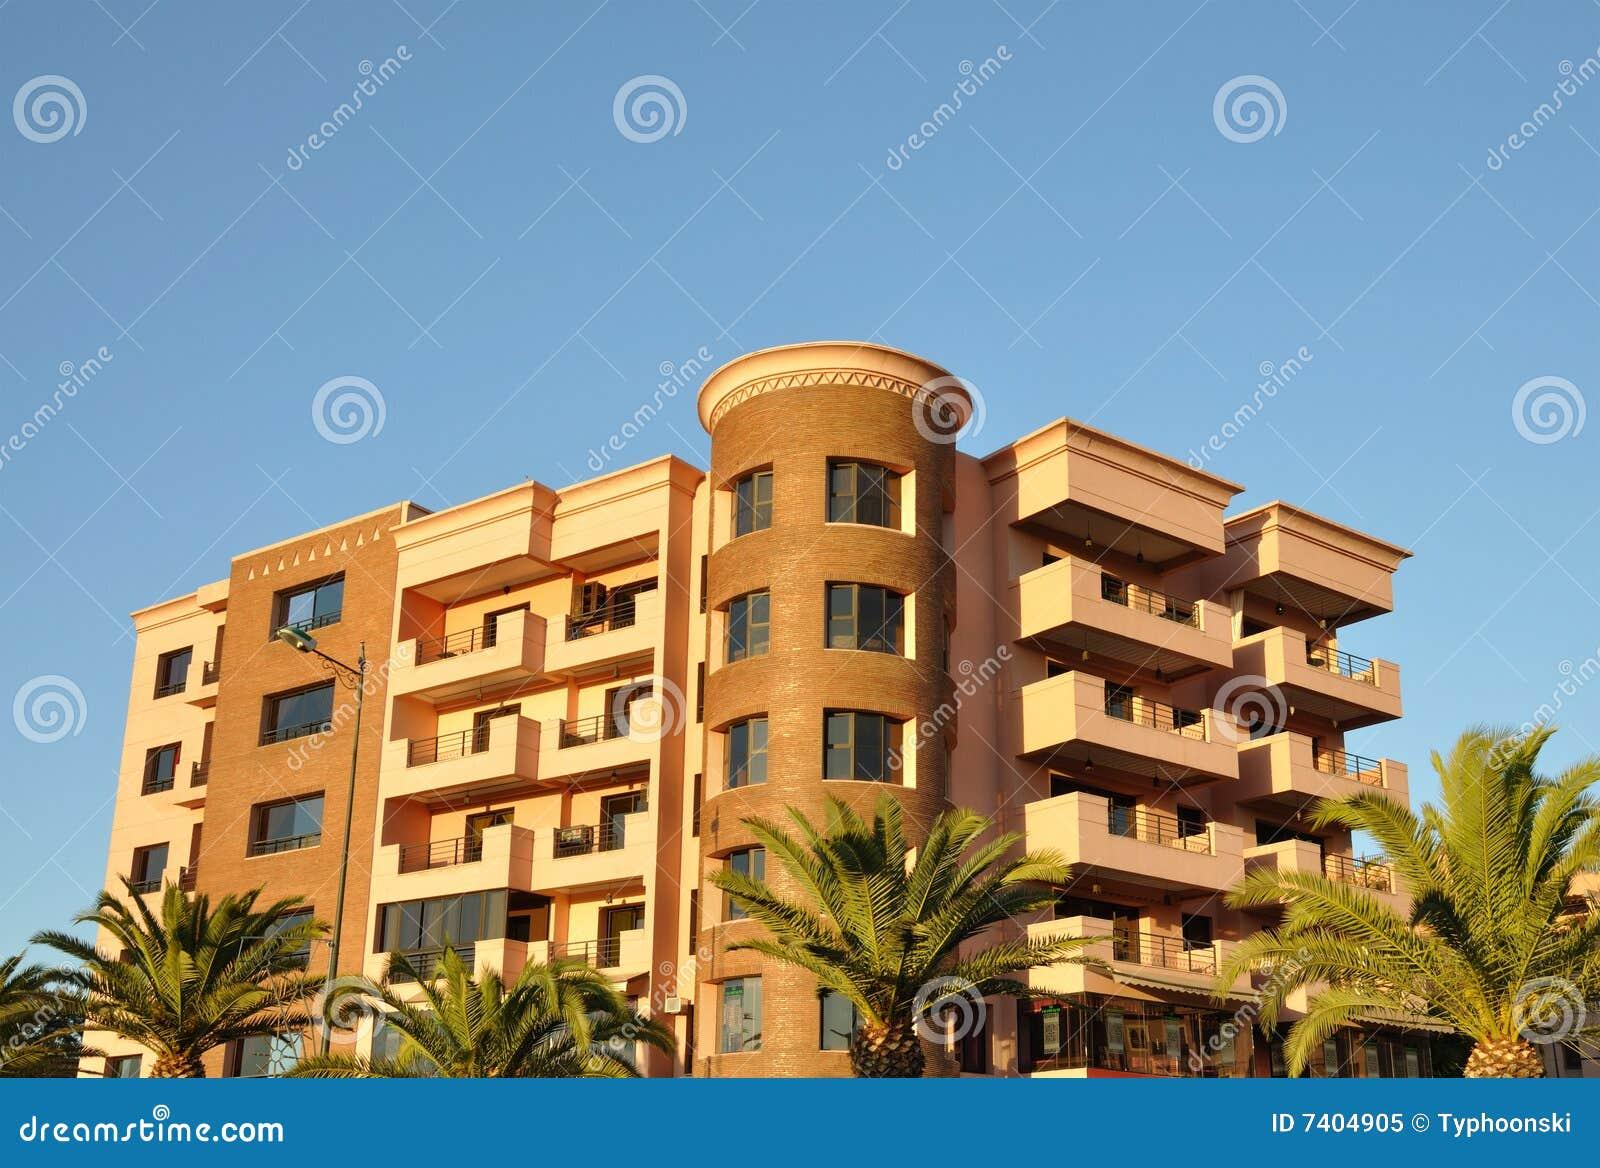 Modernes städtisches Gebäude in Marrakesch